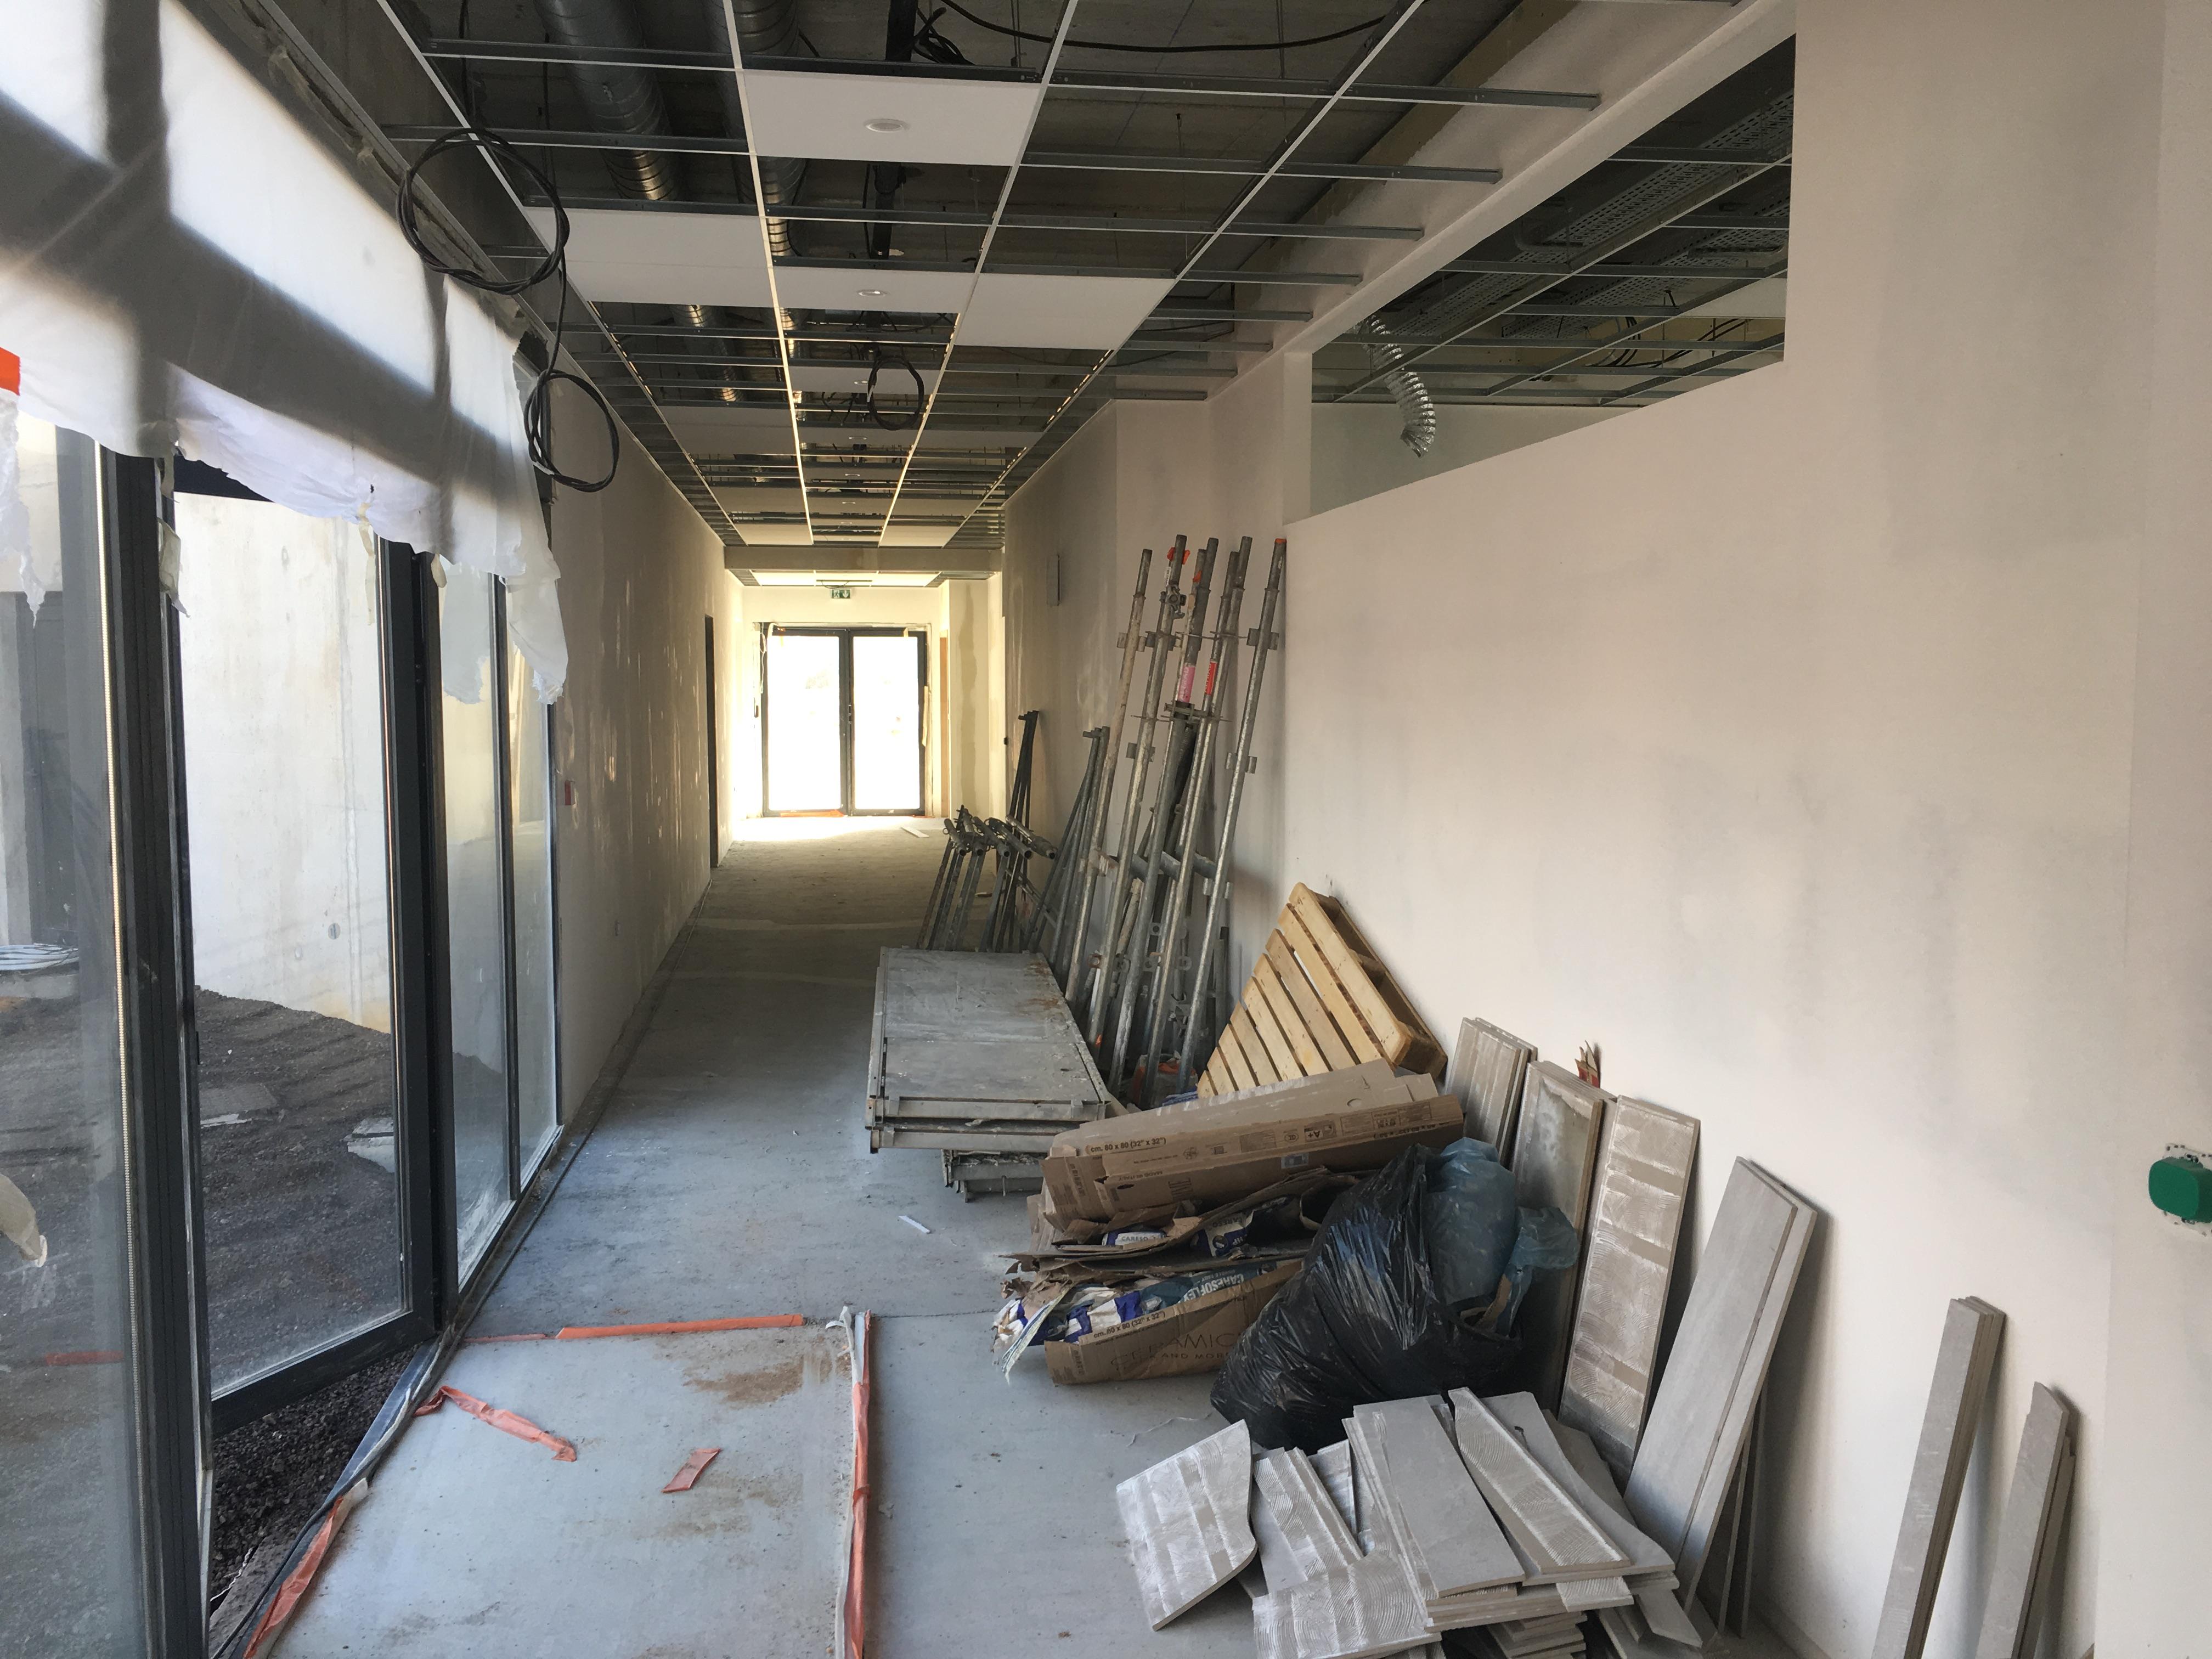 Couloir d'accès aux salles de classe